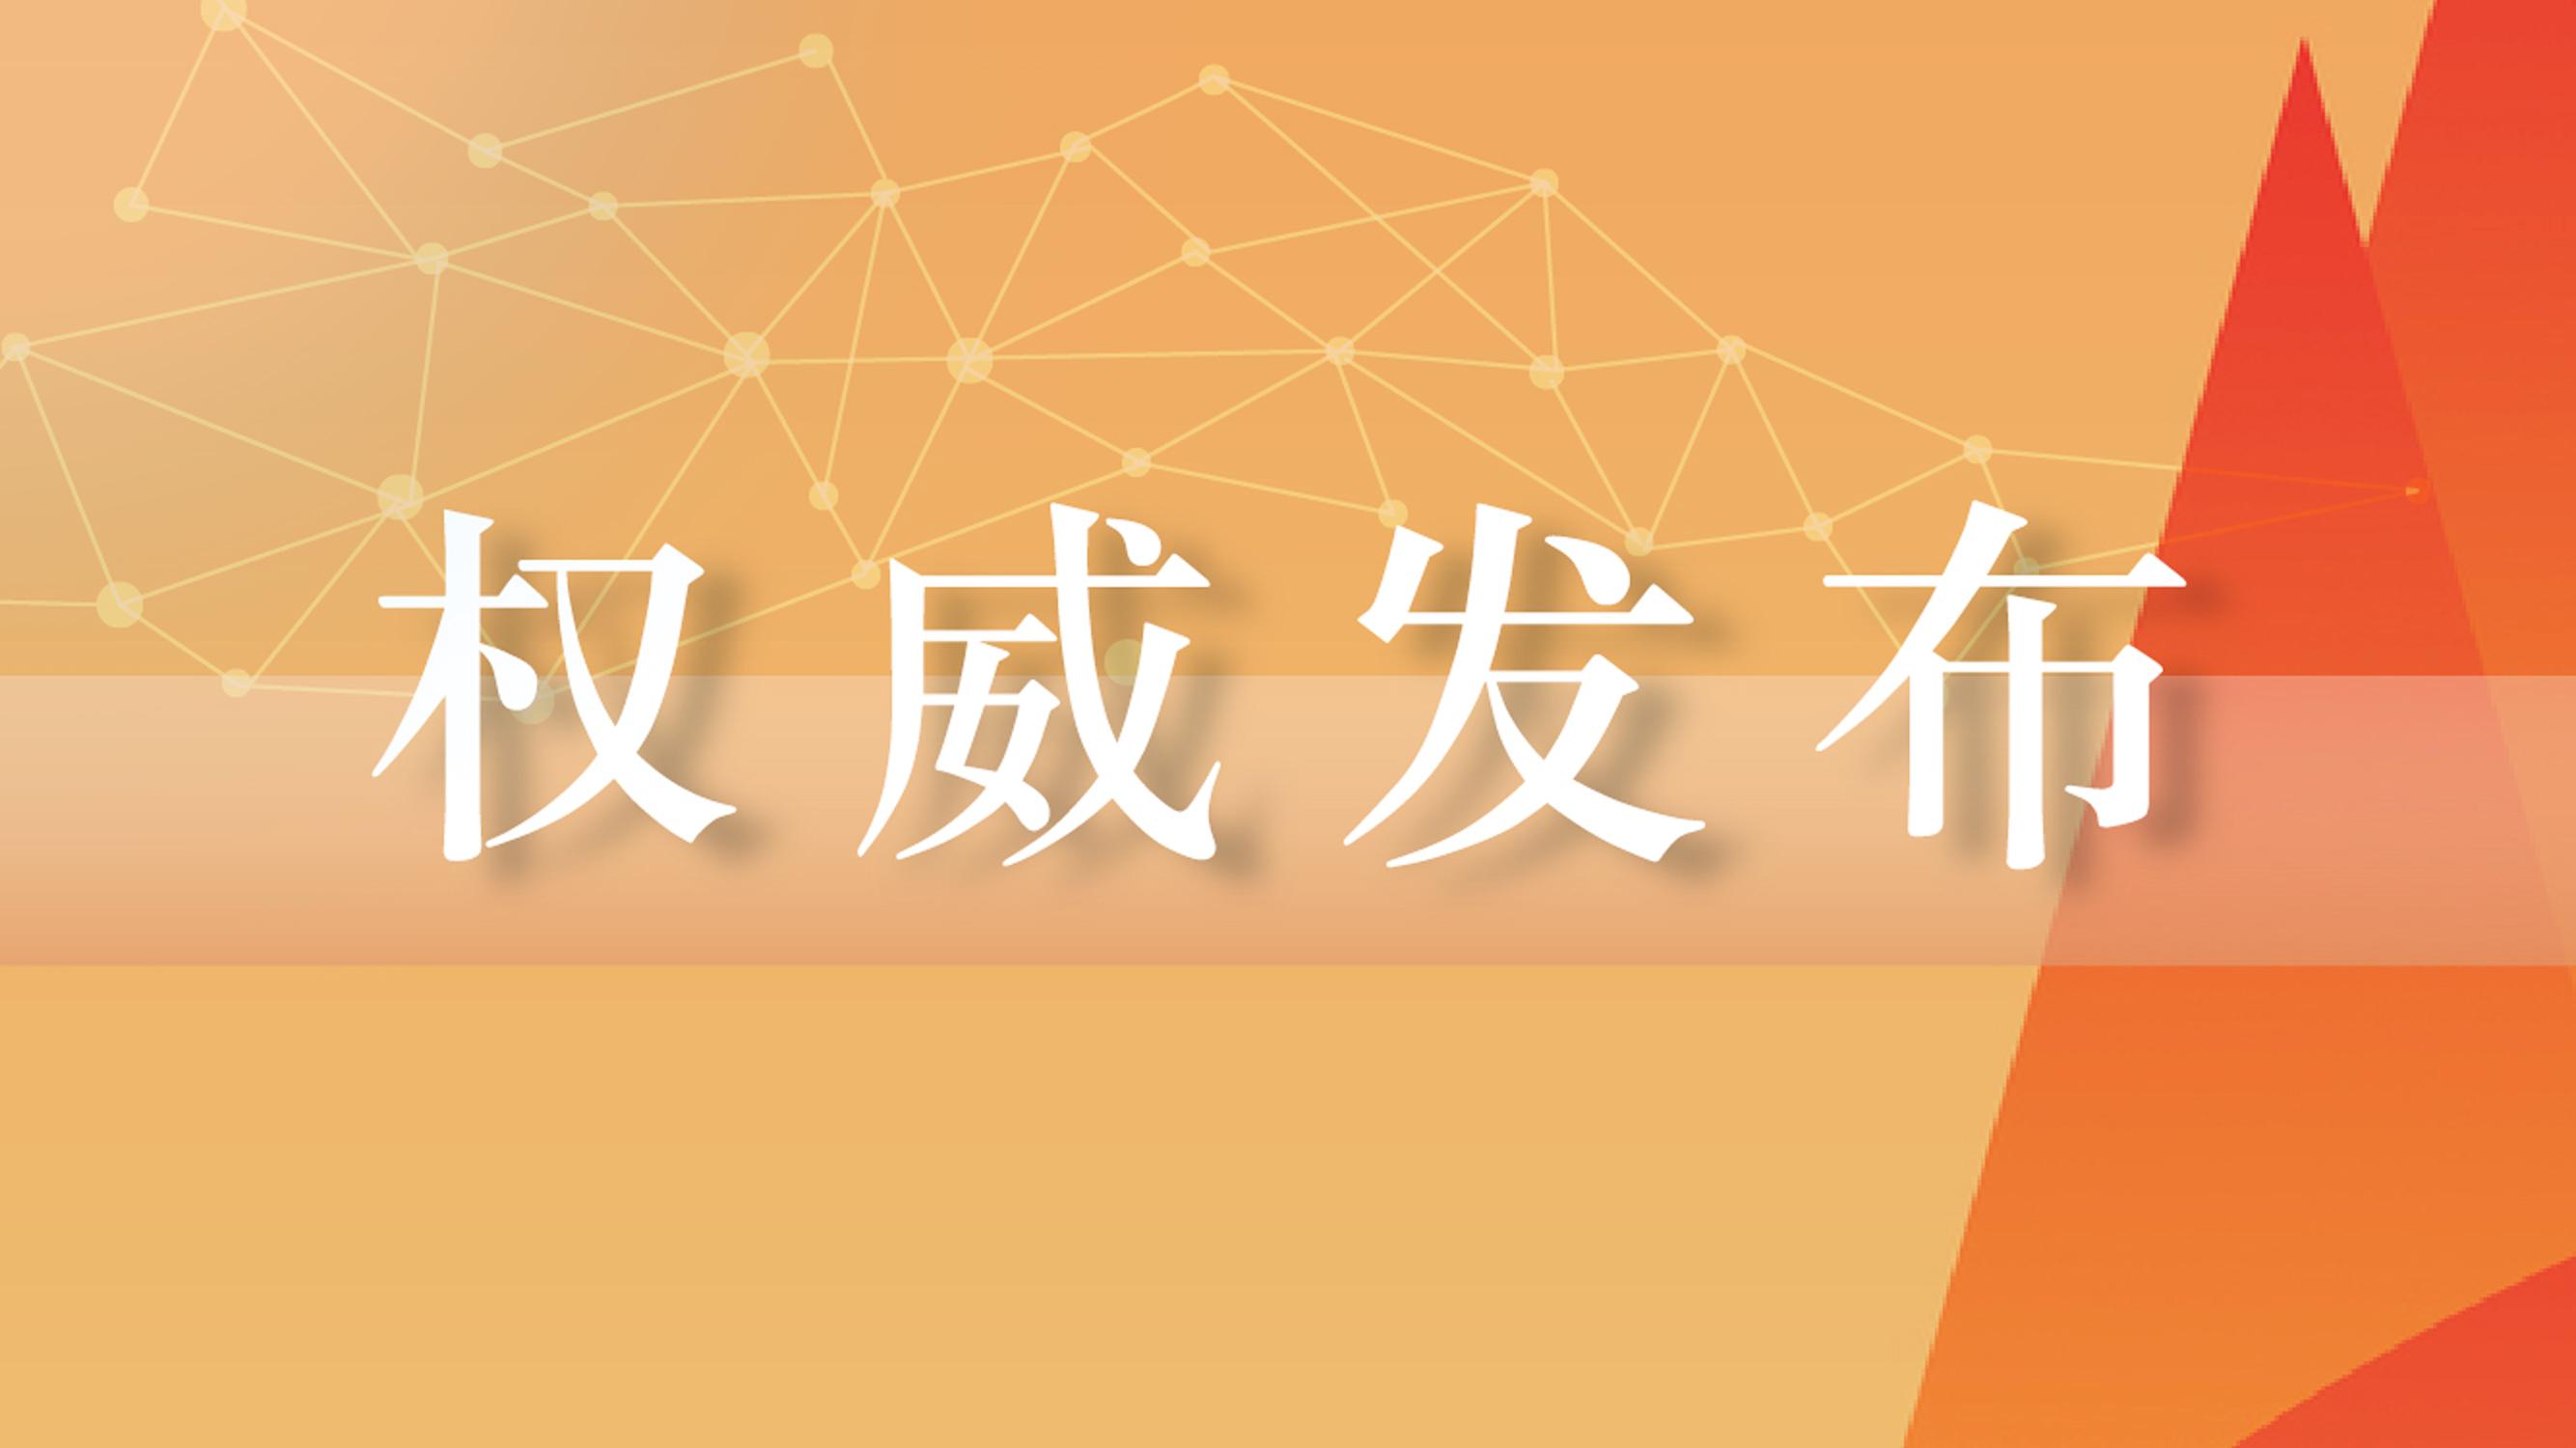 成都农商银行原党委书记、董事长傅作勇 接受纪律审查和监察调查